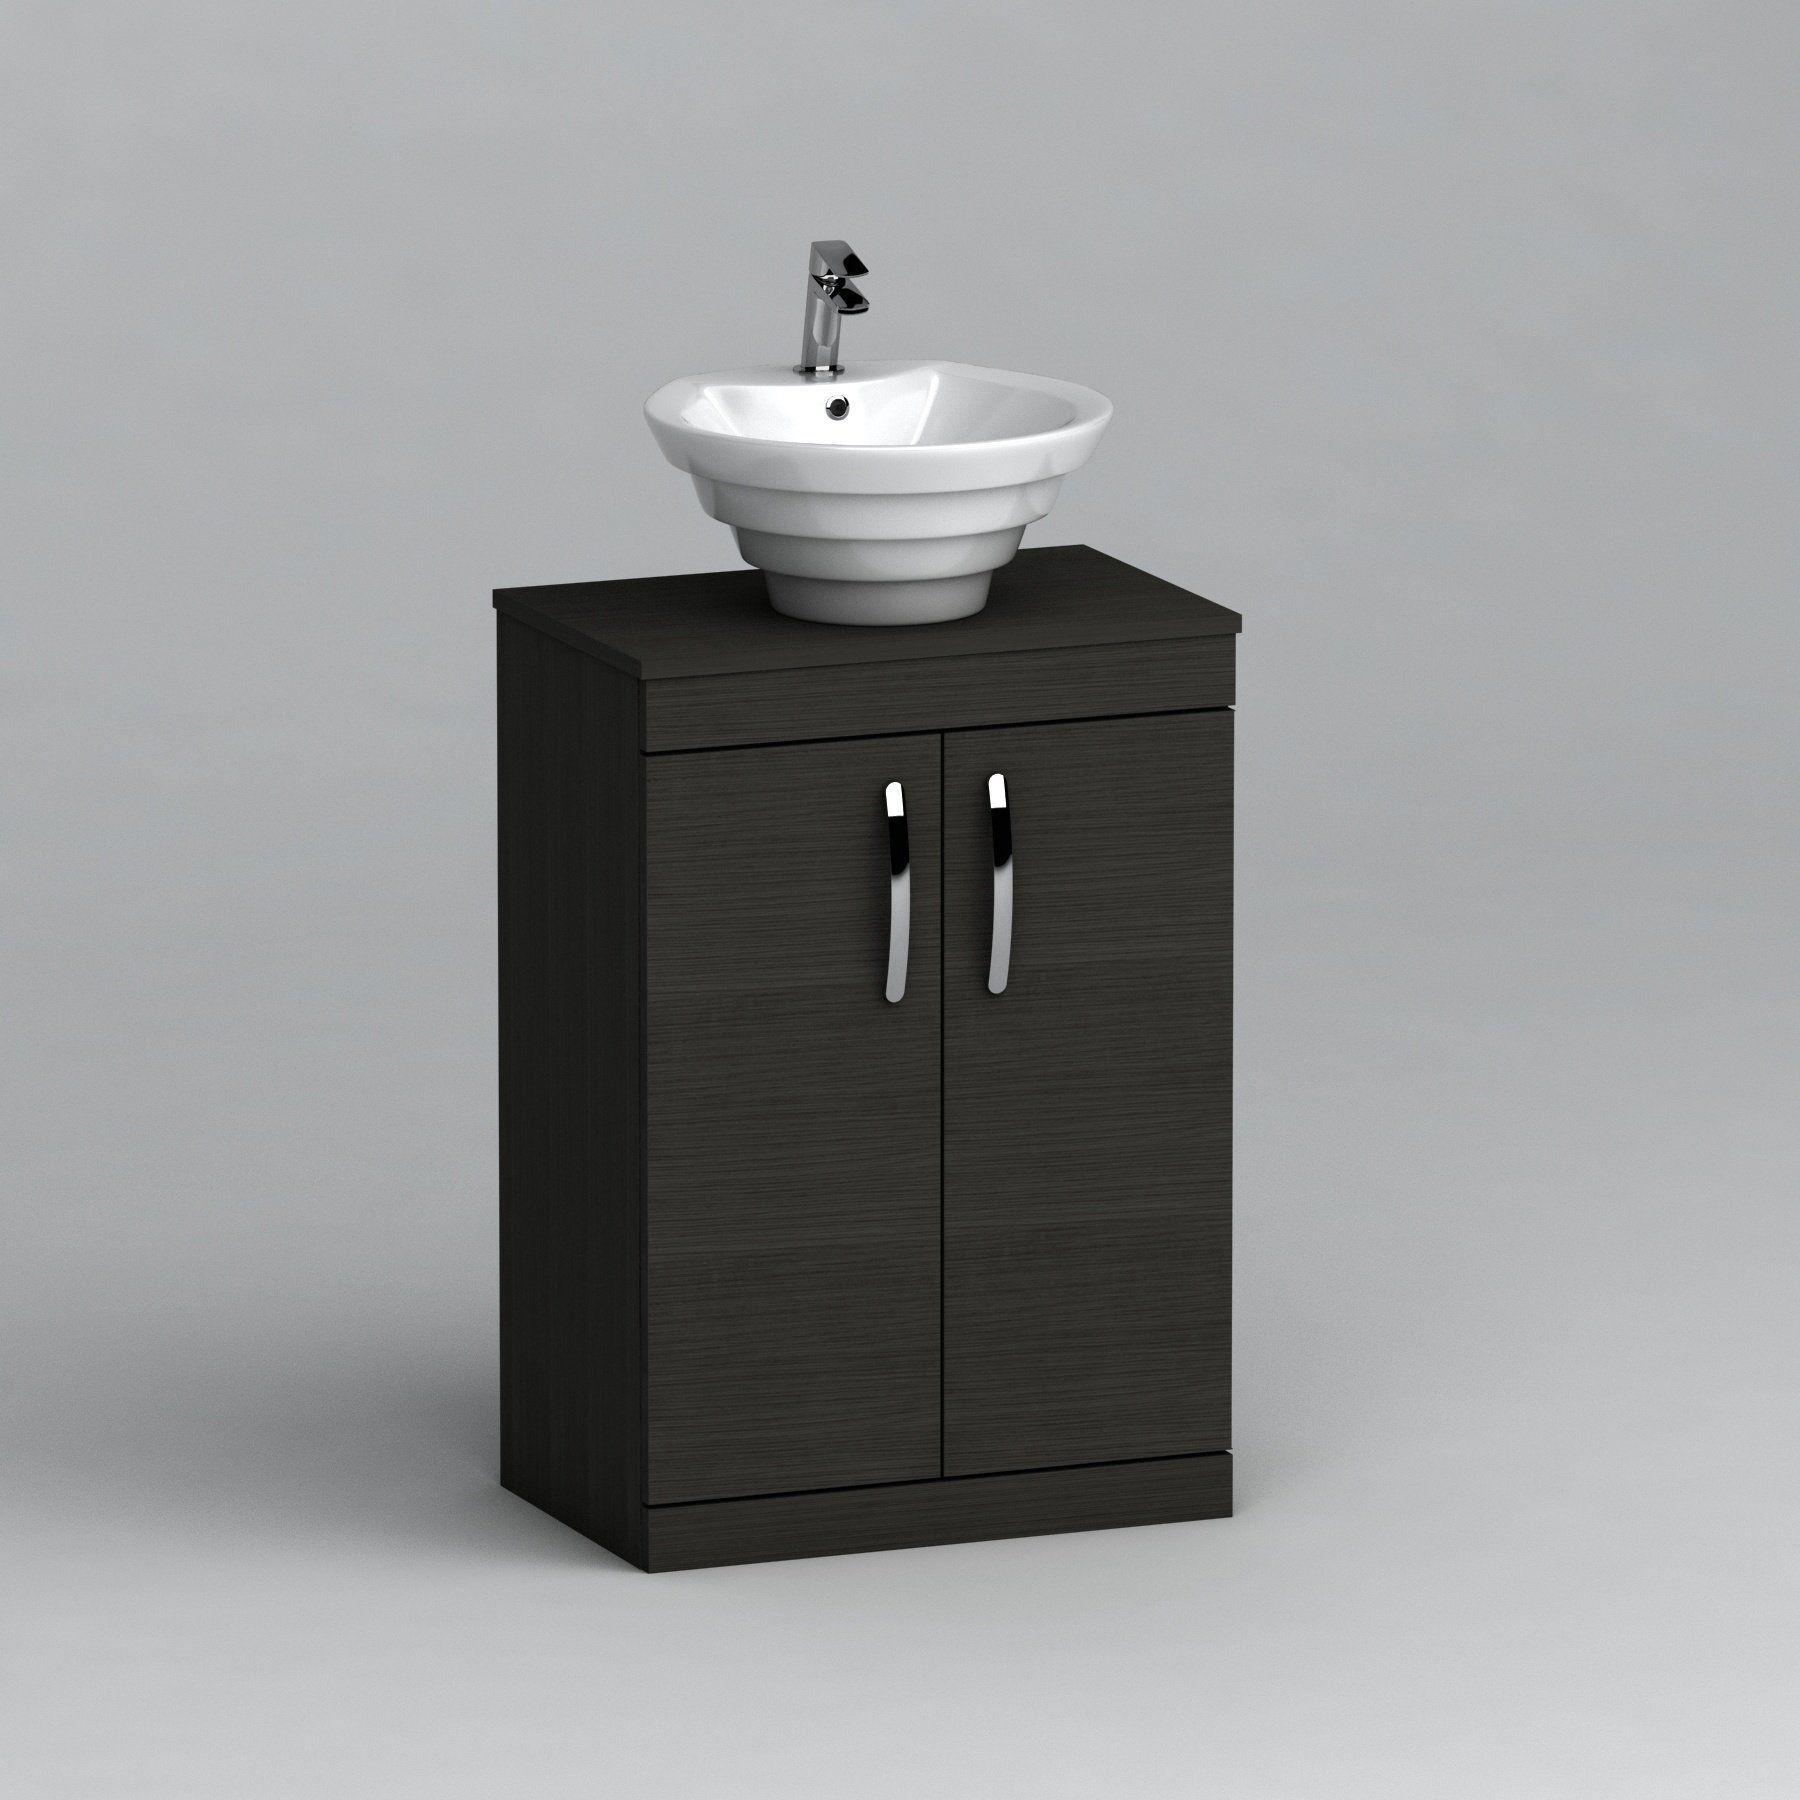 500mm Floor Standing Vanity Unit 2 Door Hale Black & Countertop Basin - Cesar#500mm #basin #black #cesar #countertop #door #floor #hale #standing #unit #vanity